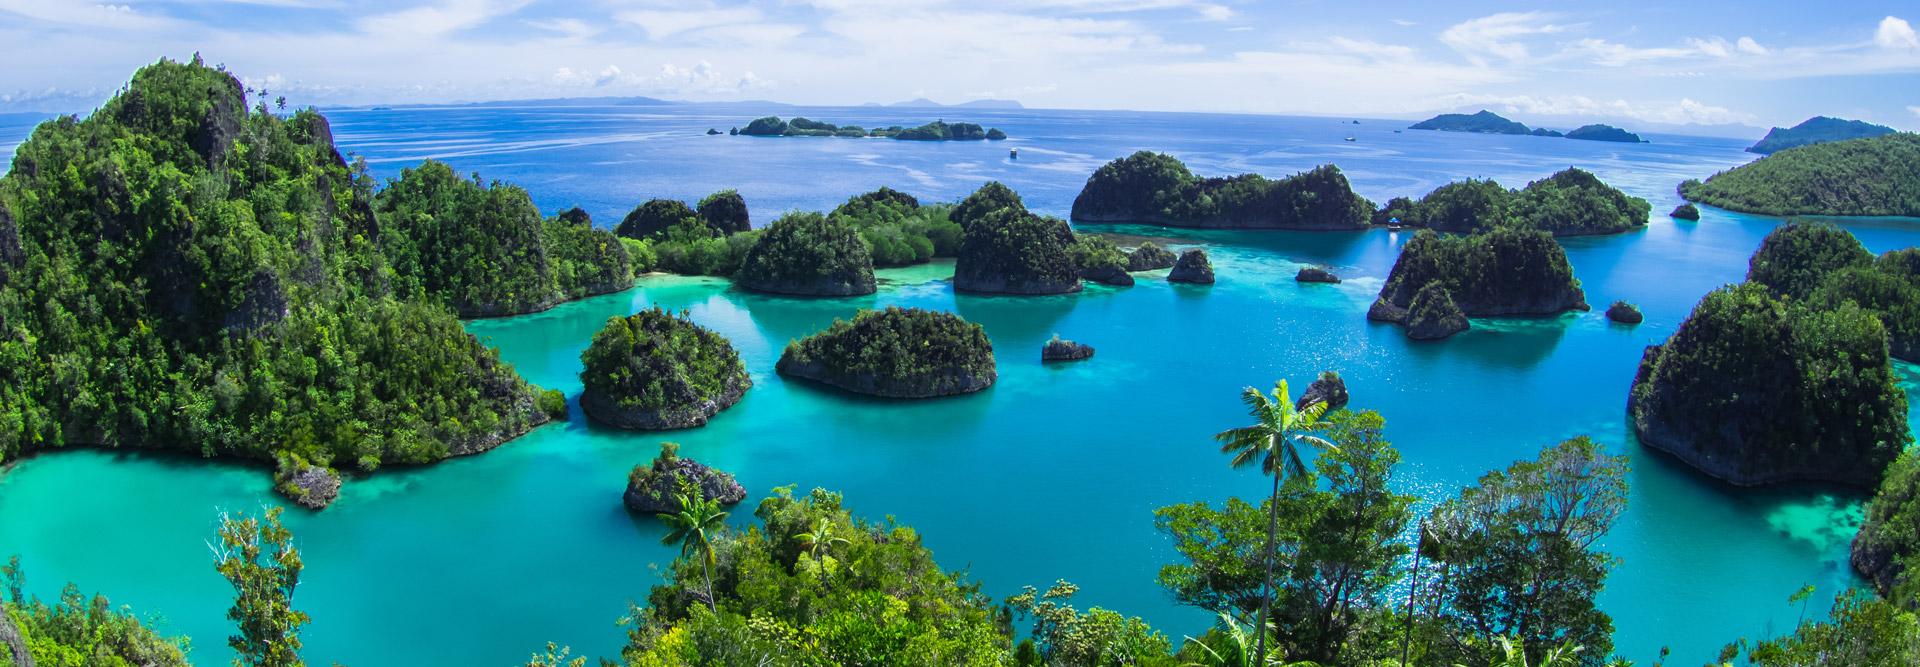 pianemo raja ampat papua indonesia